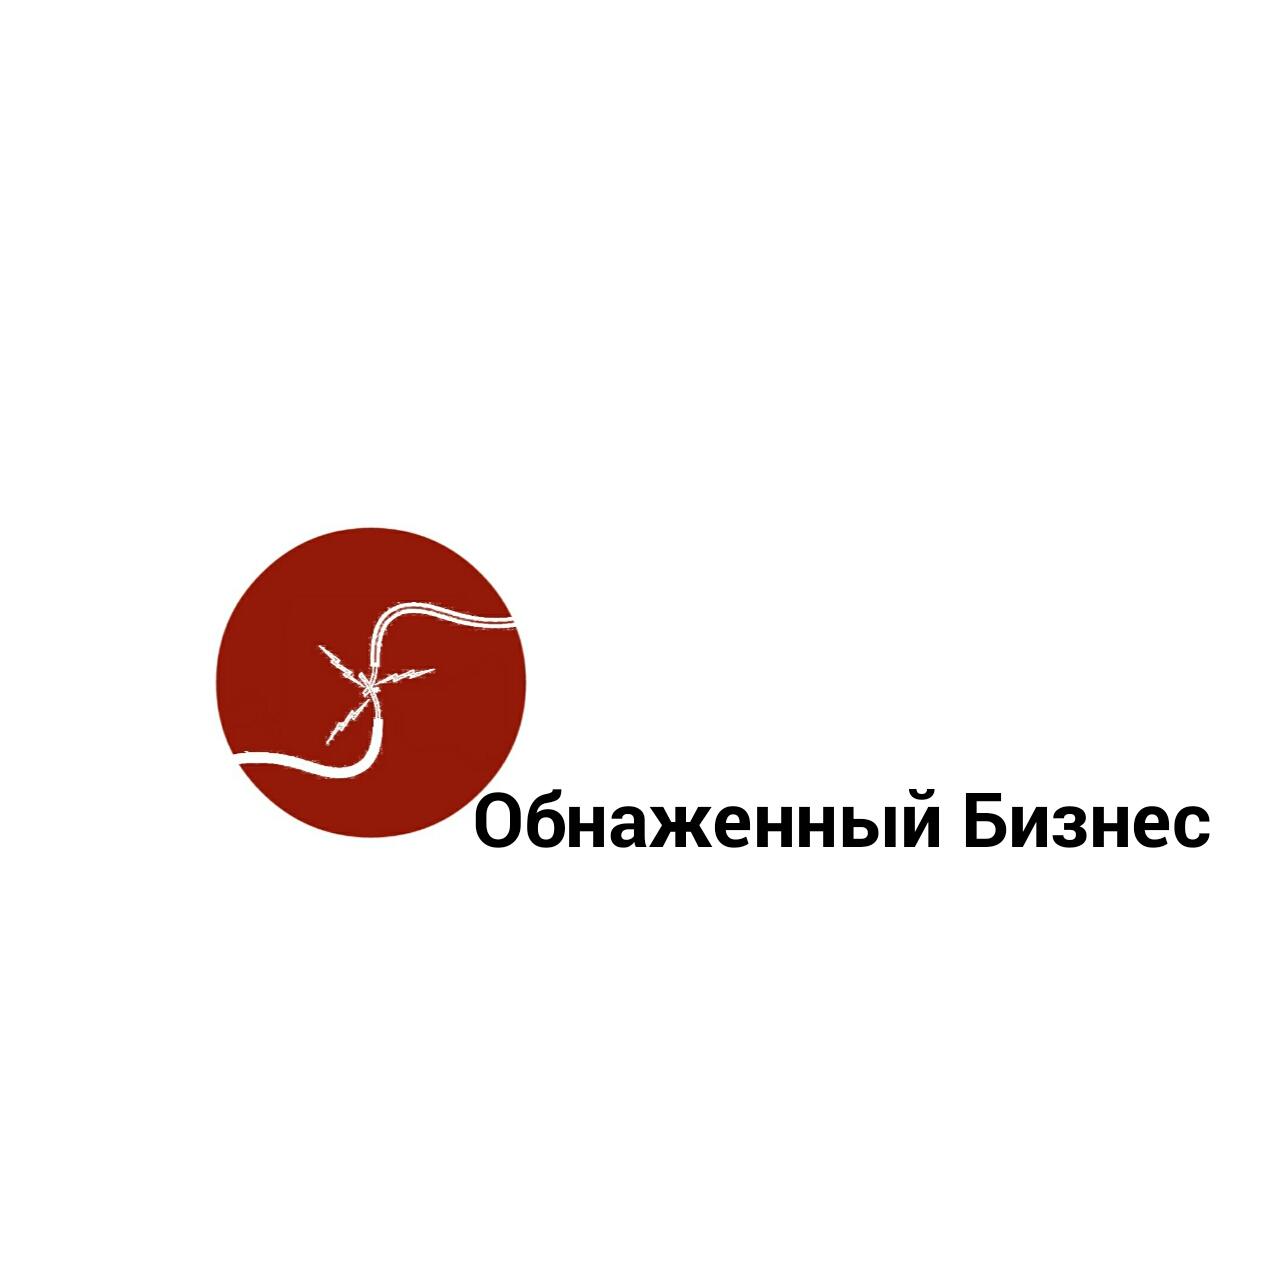 """Логотип для продюсерского центра """"Обнажённый бизнес"""" фото f_9285b9bc44908706.jpg"""